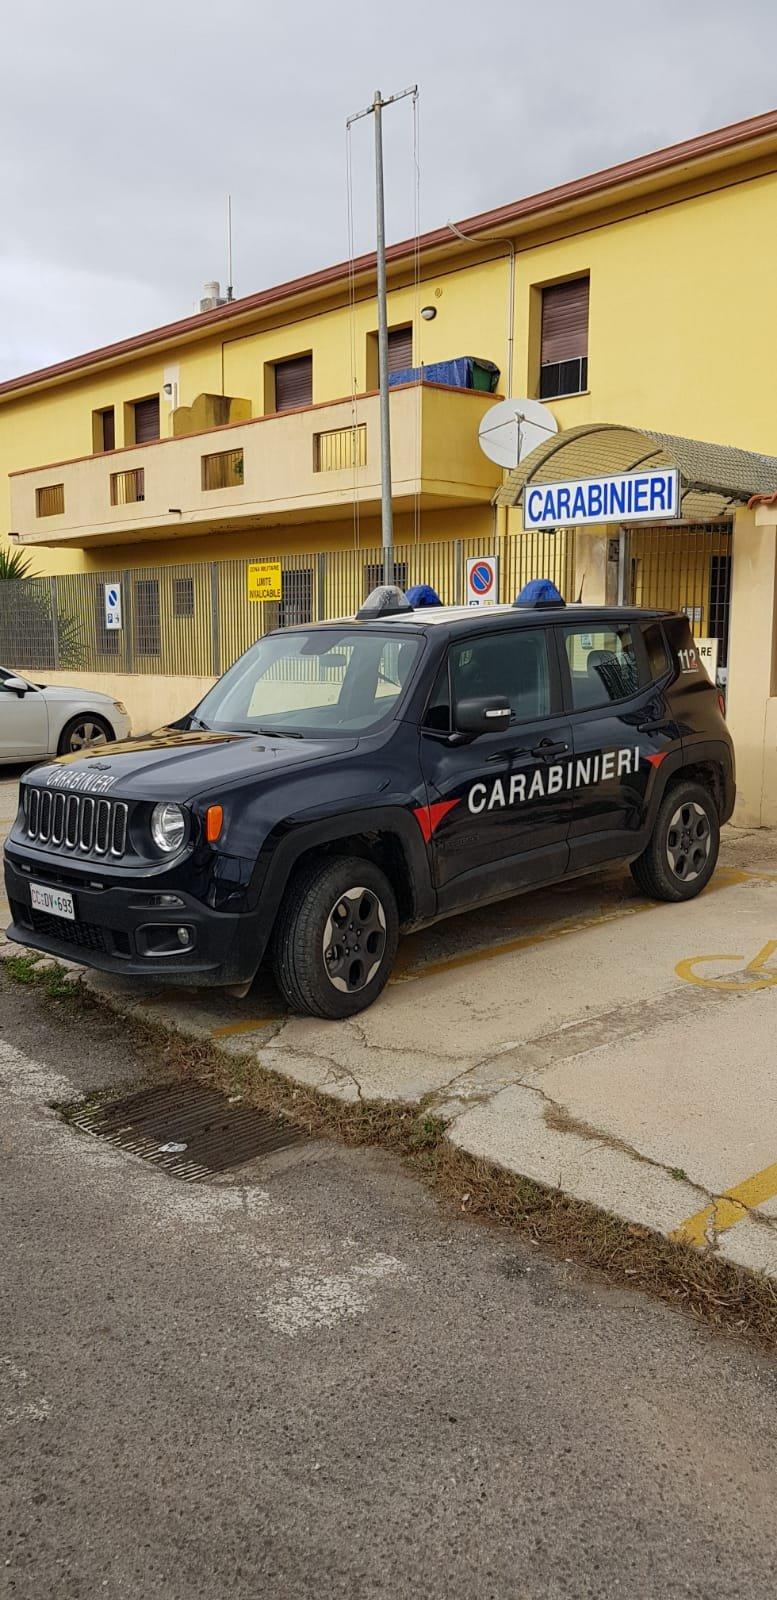 """5 cittadini serbi, nati in Italia, sono stati denunciati a piede libero dai carabinieri di Dolianova per il reato di """"invasione di edifici""""."""